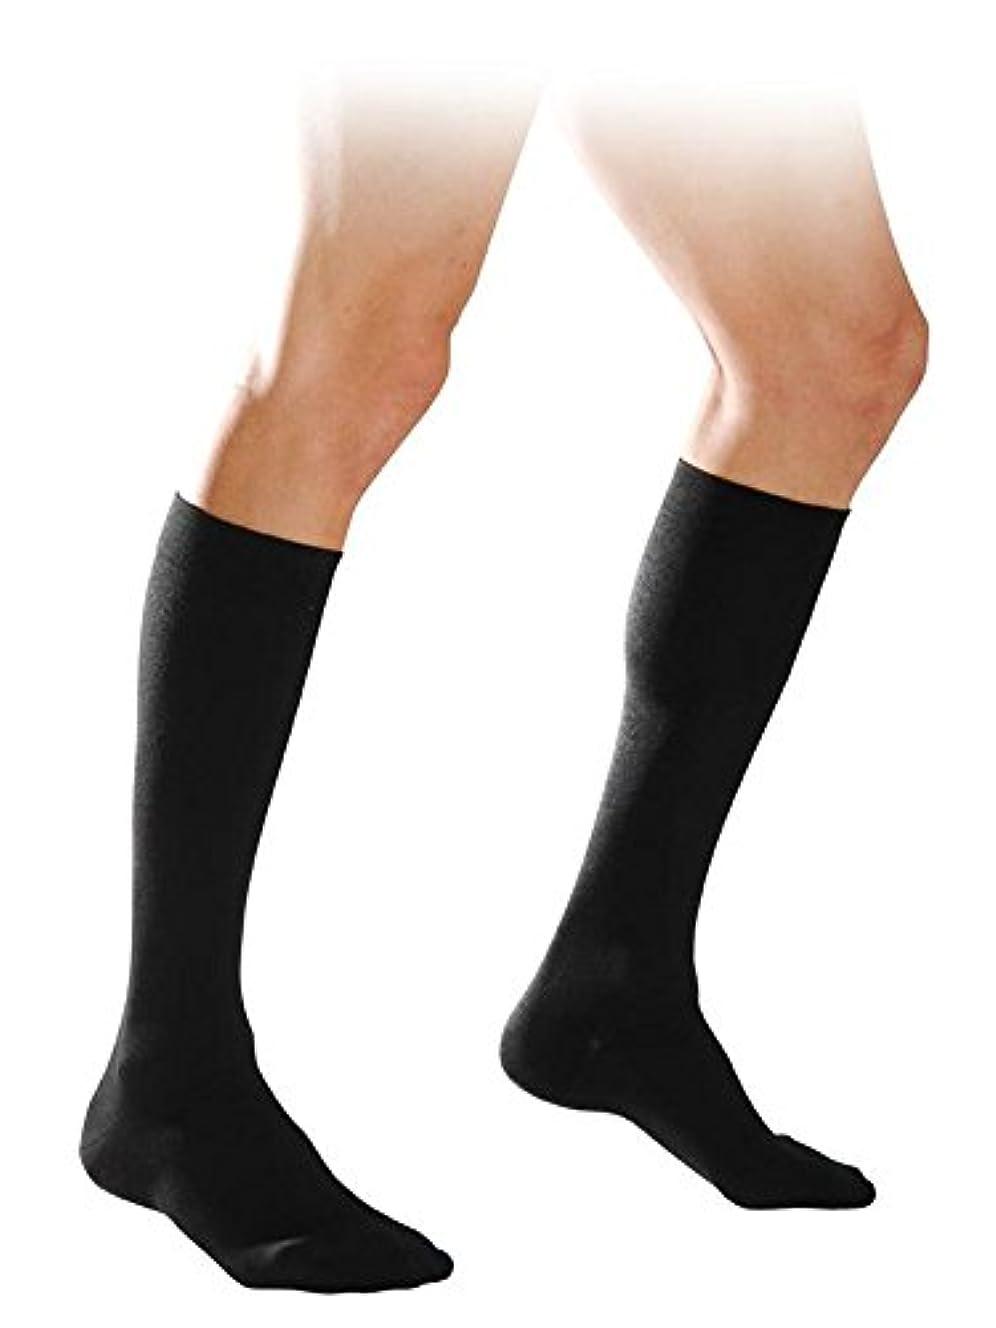 垂直商標足枷【エコノミー症候群予防】男性用 着圧ソックス (XL, ブラック)